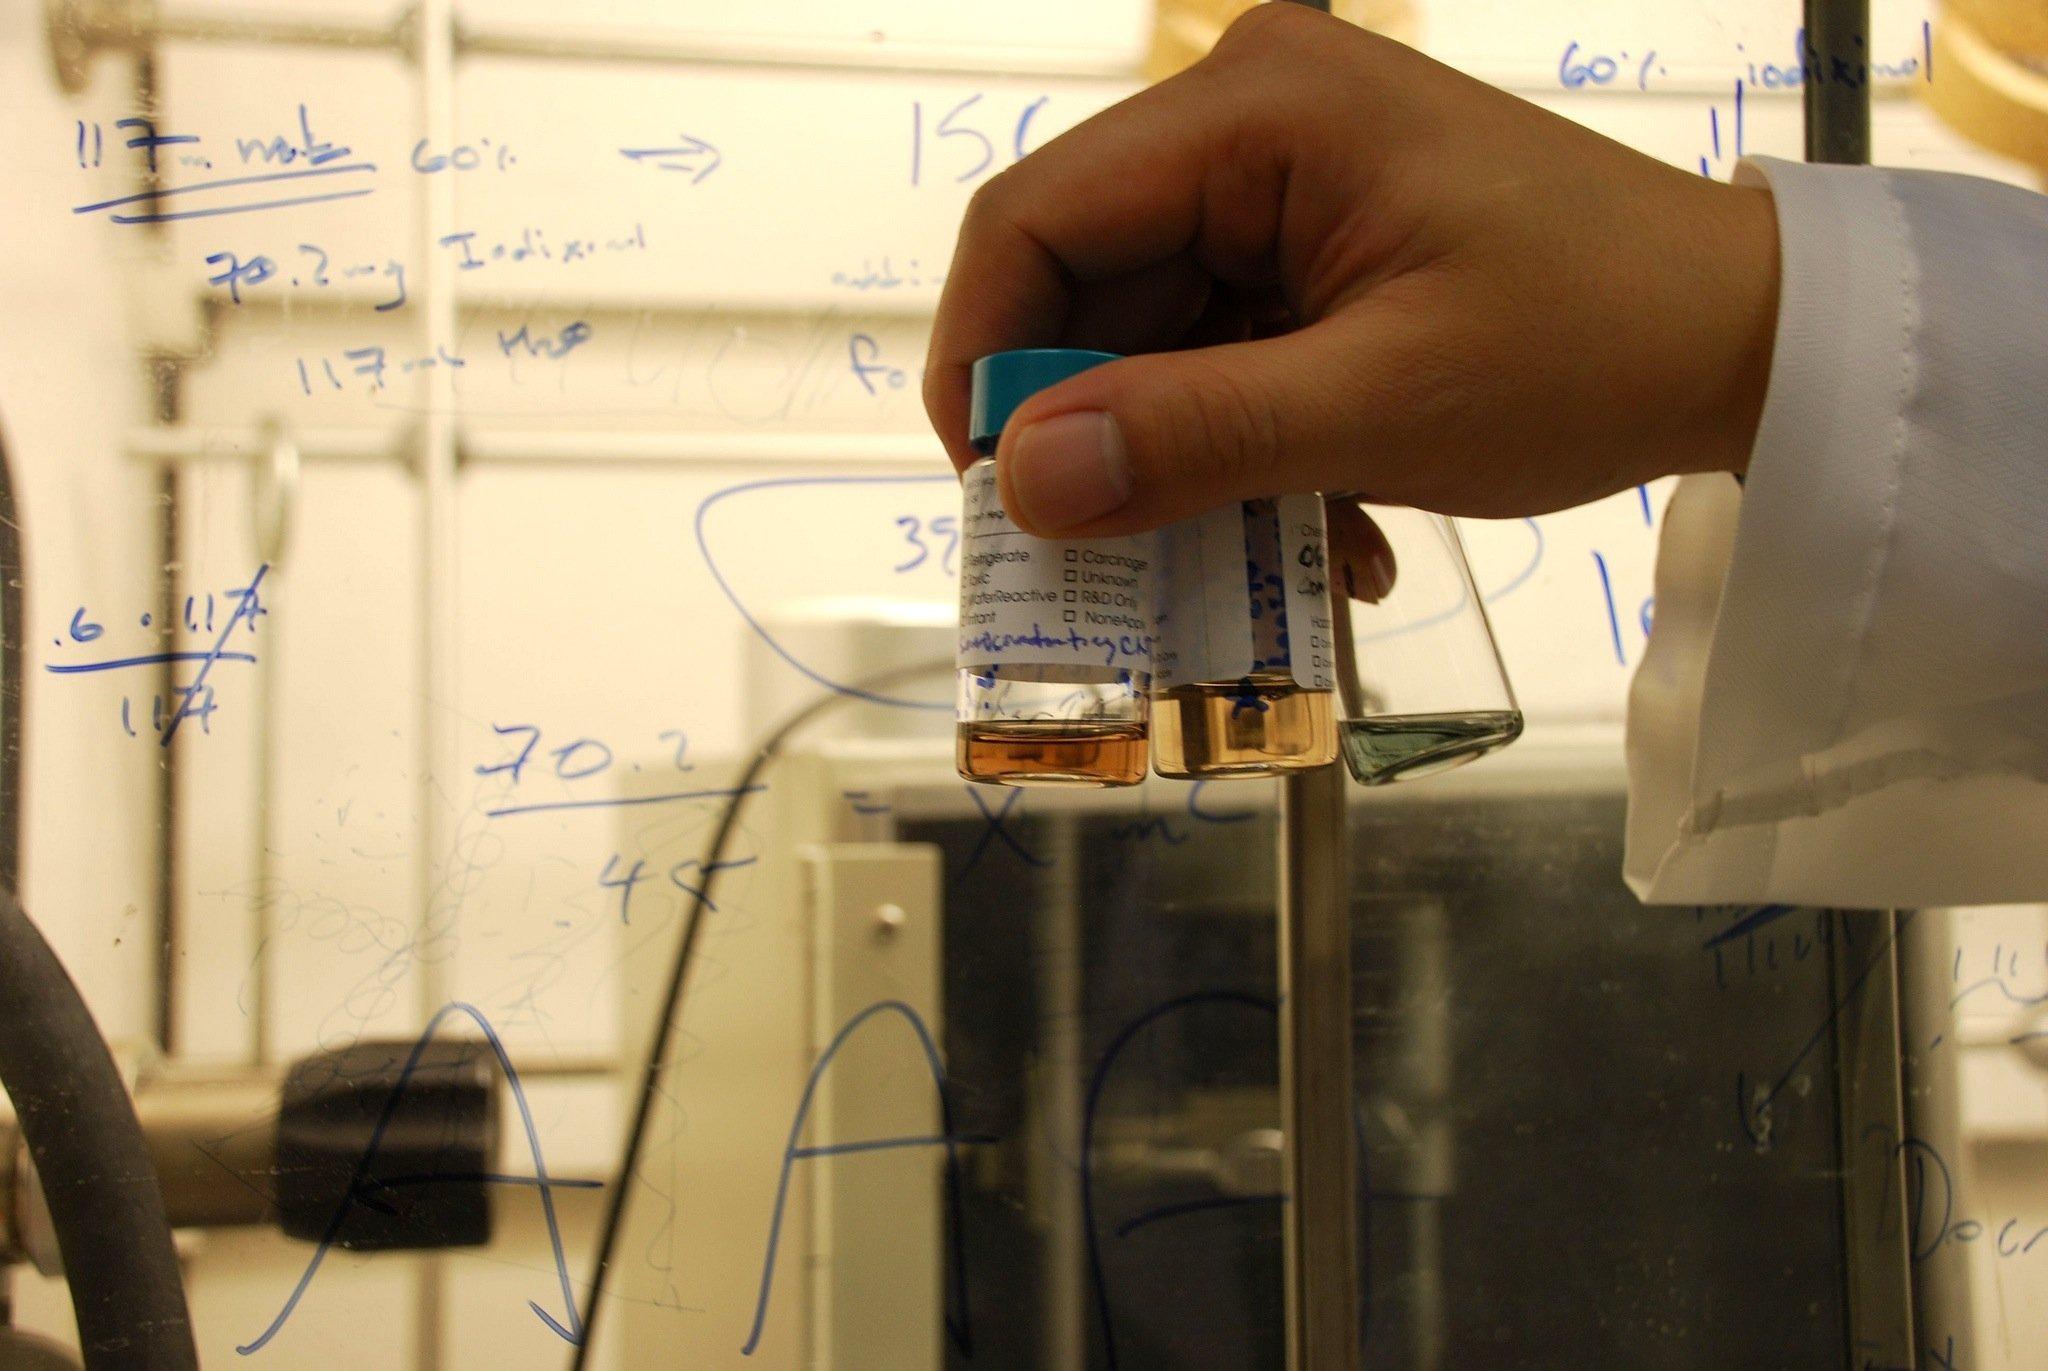 Durch einen chemischen Prozess werden die Kontakte der Nanotubes aus Kohlenstoff auf eine Größe von unter 10 nm geschrumpft.